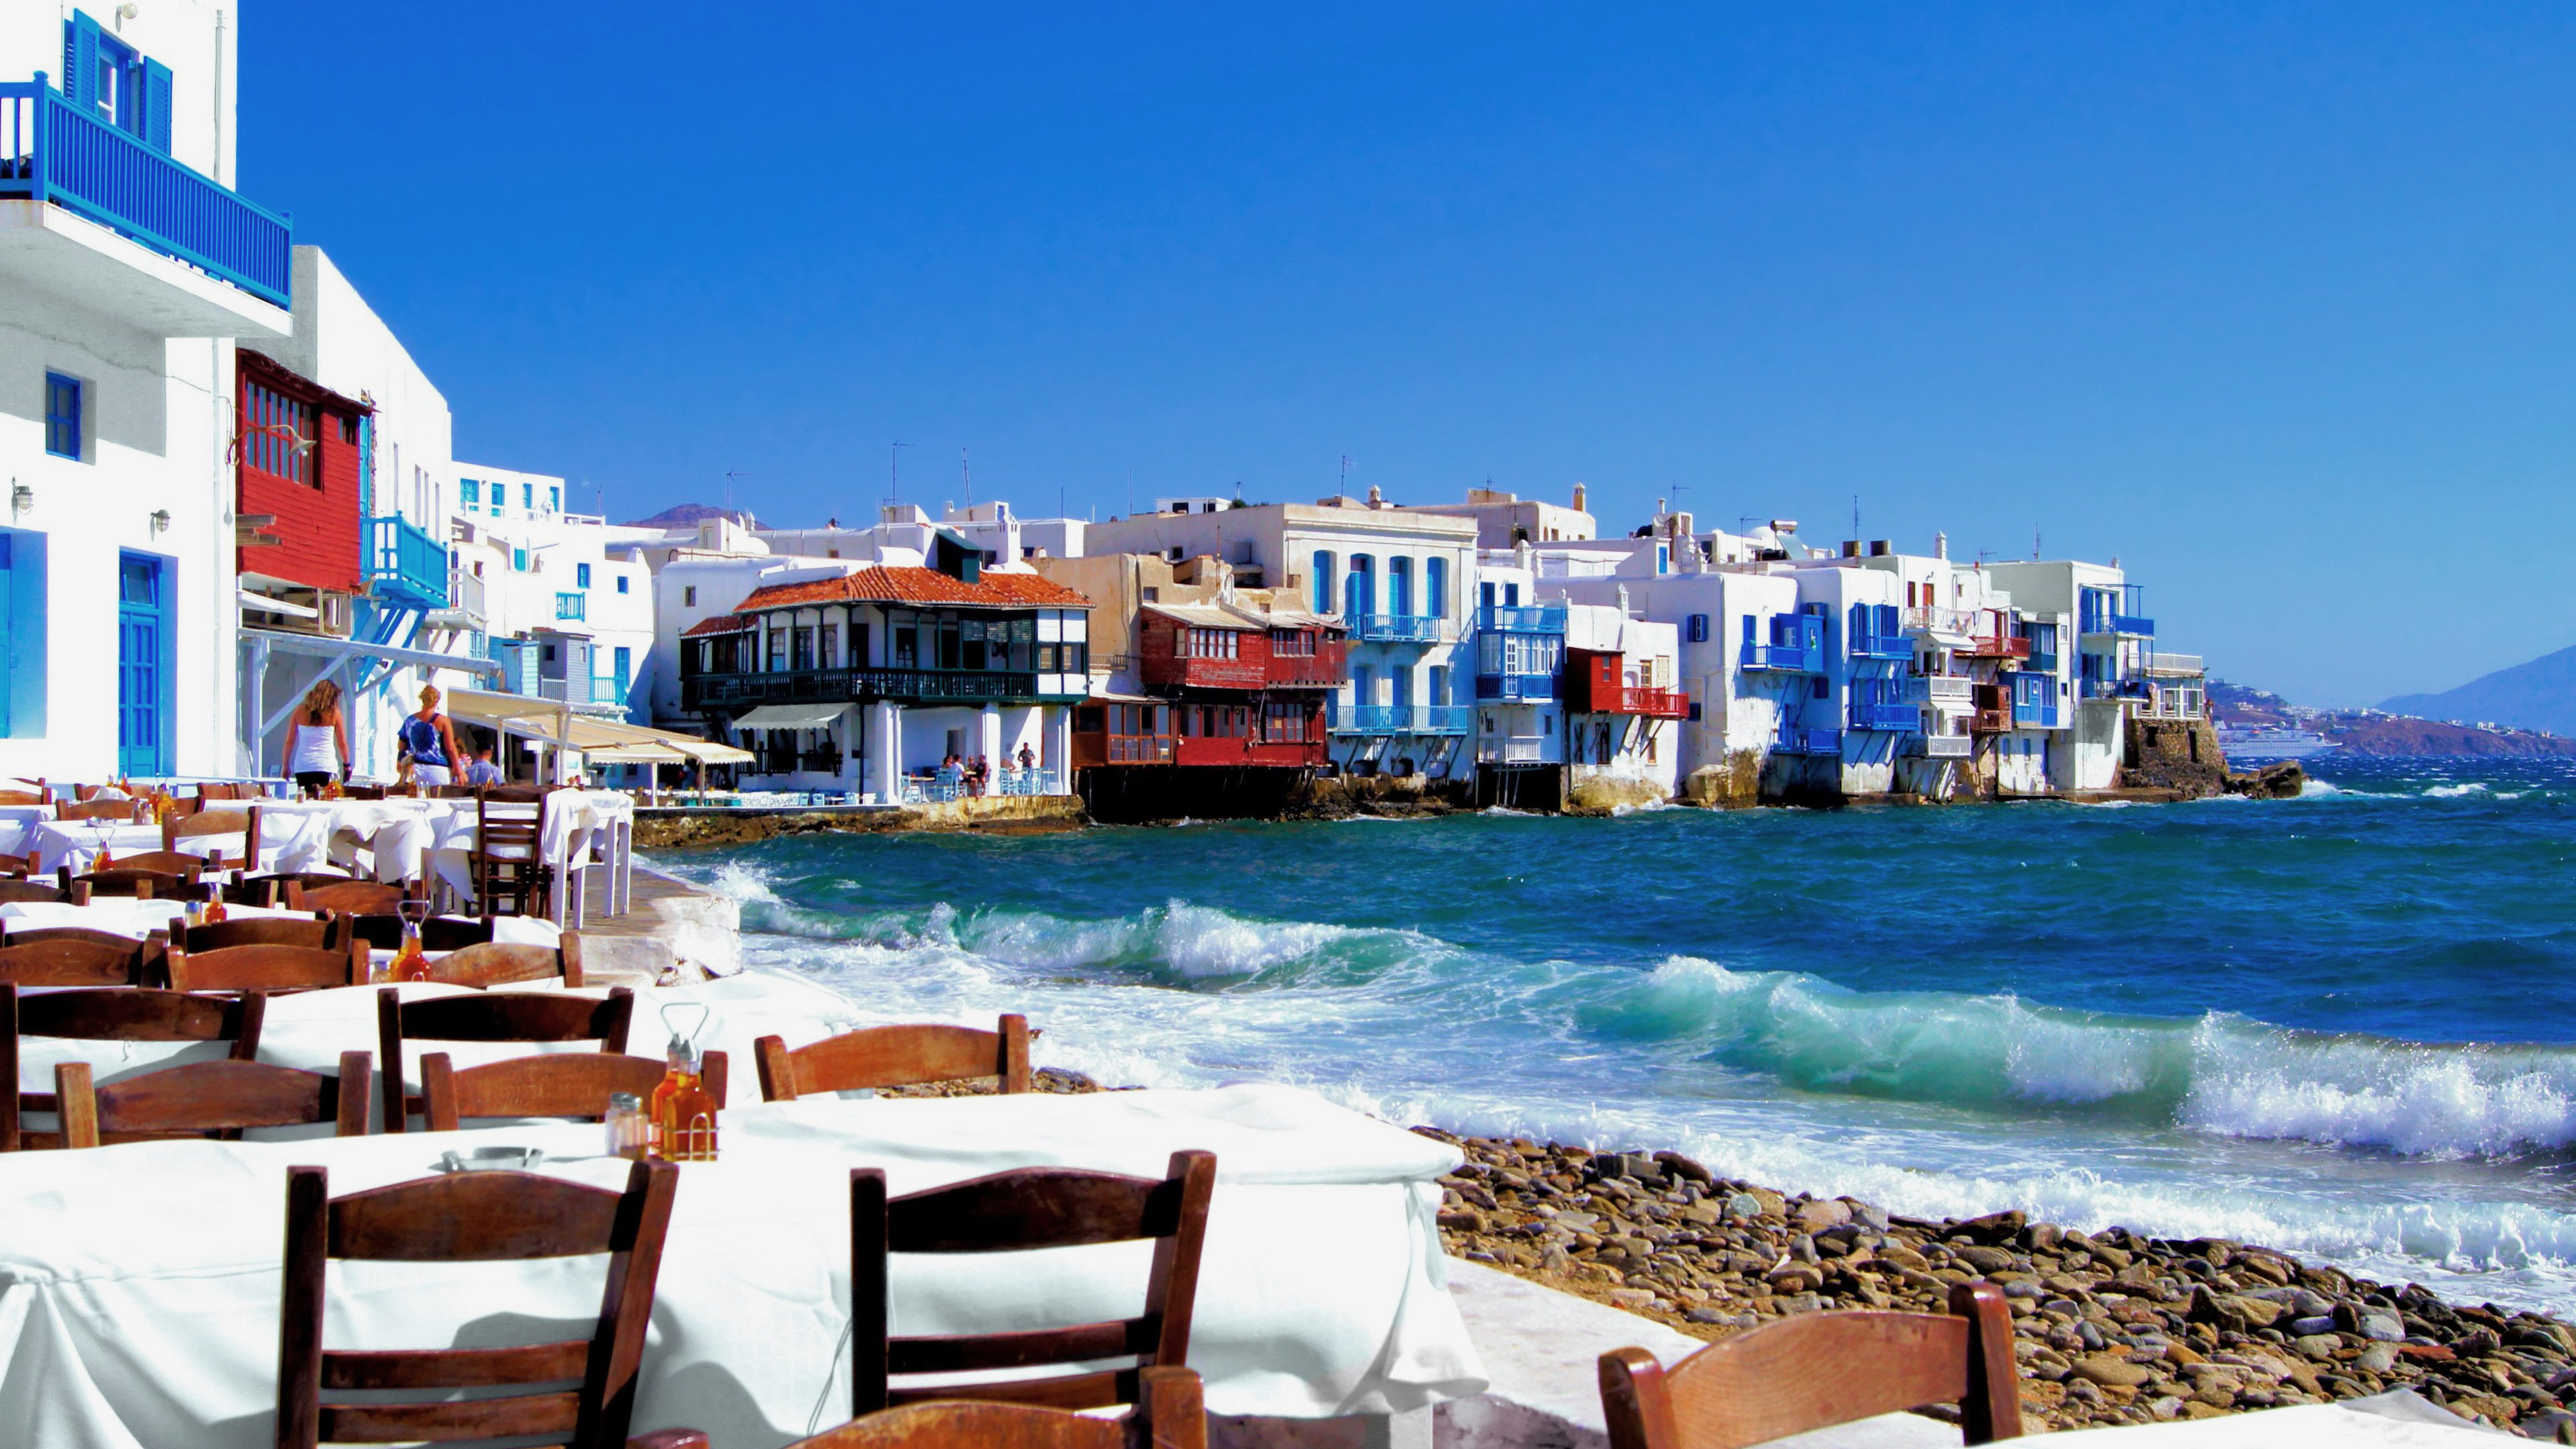 море обои для стола, кафешка, Греция, природа, 3840 на 2160 пикселей